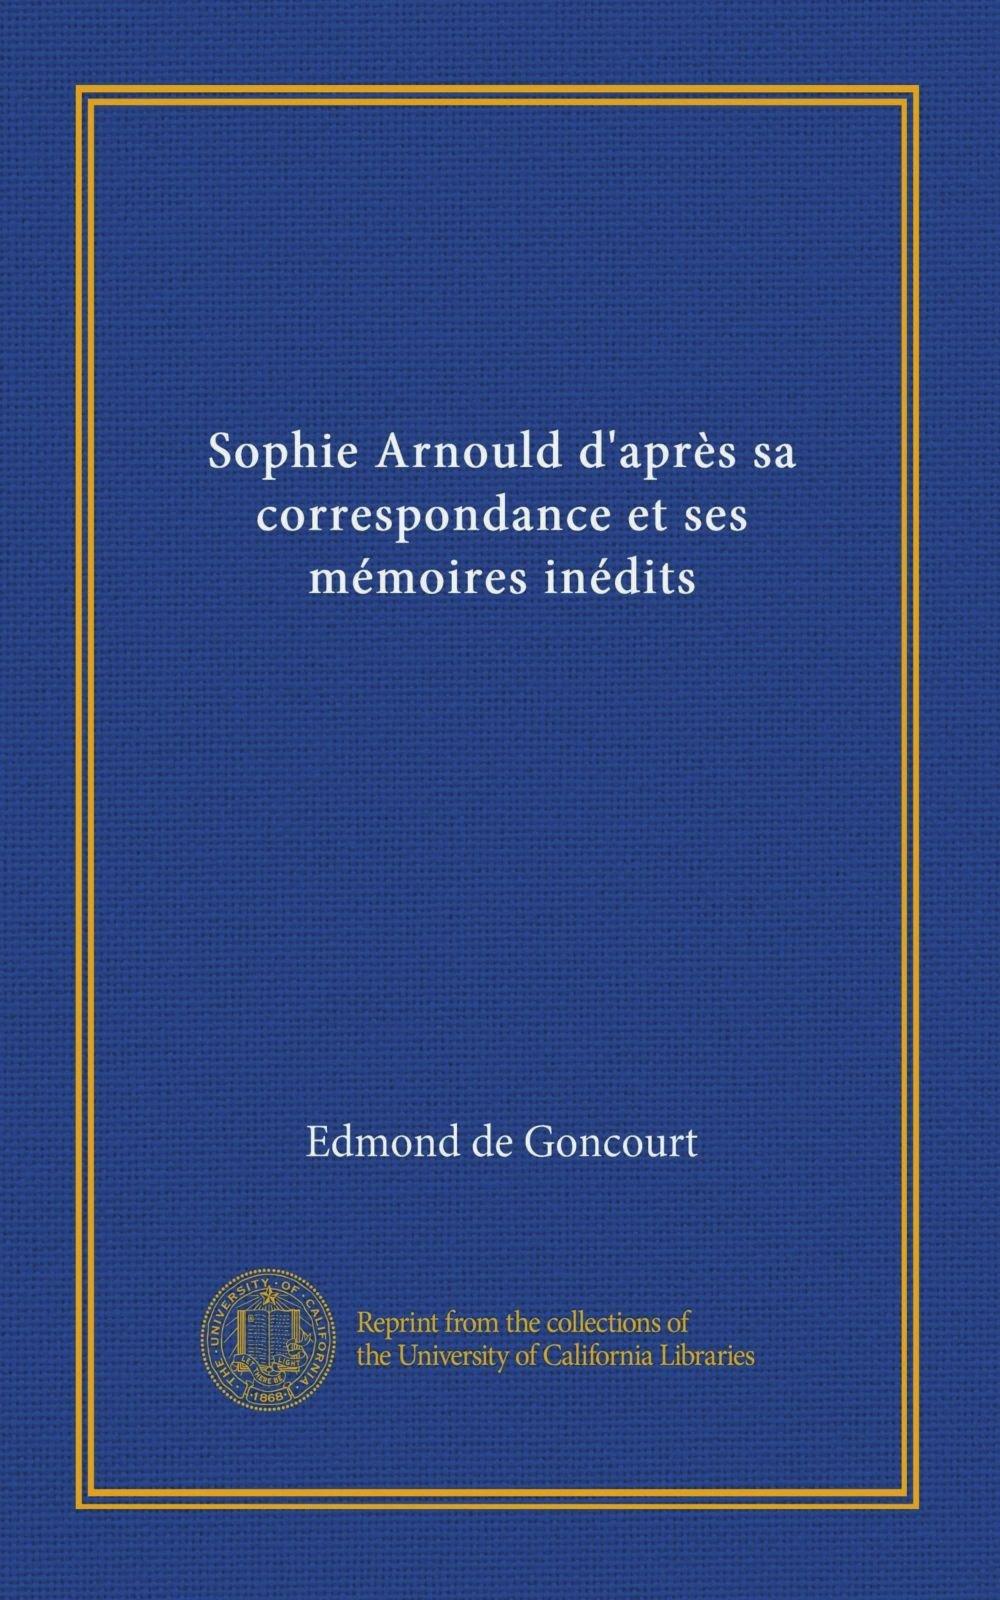 Download Sophie Arnould d'après sa correspondance et ses mémoires inédits (Vol-1) (French Edition) ebook